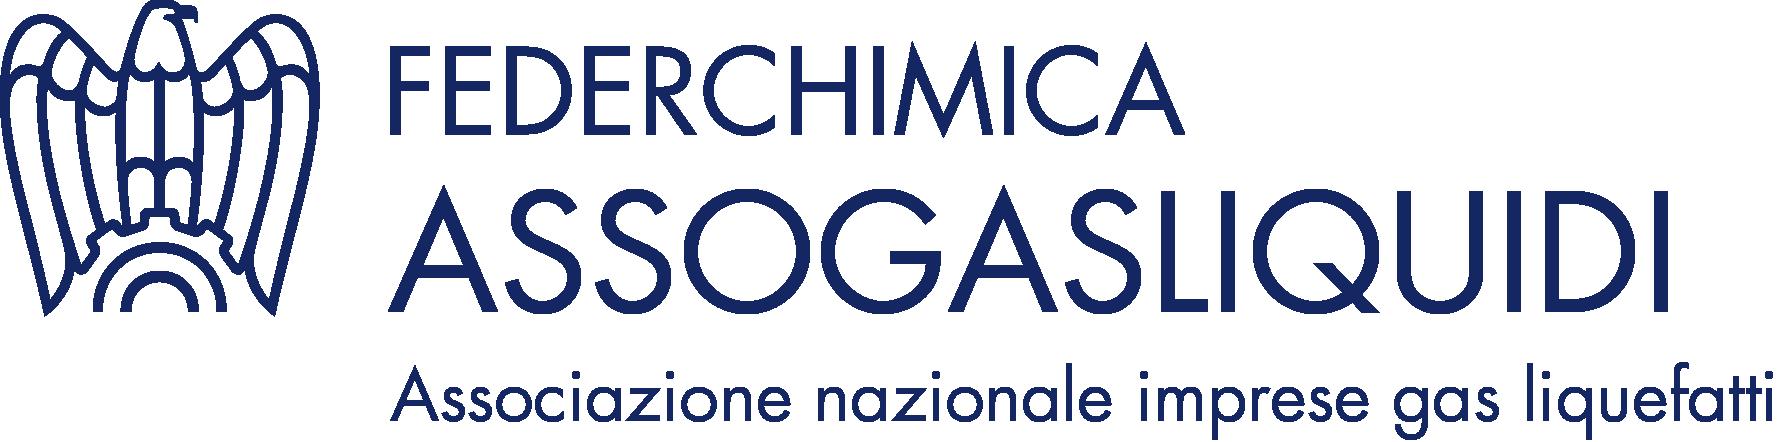 Federchimica-Assogasliquidi